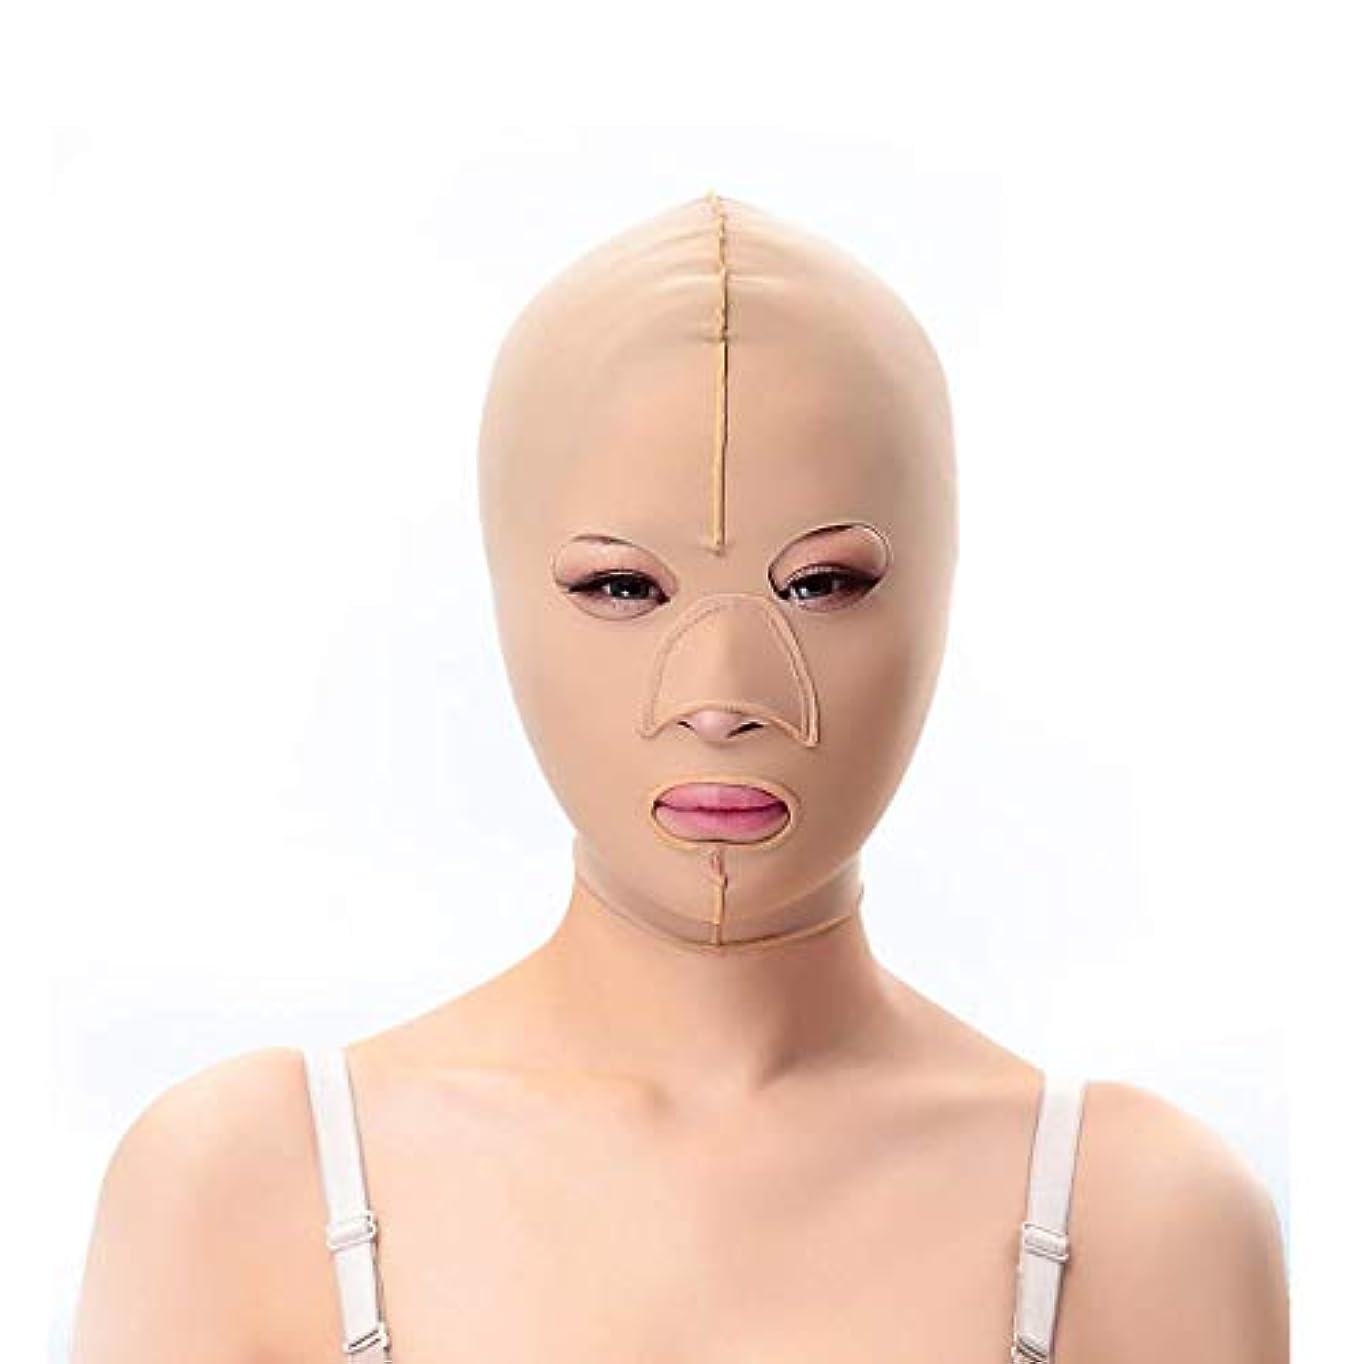 献身怠けた十分スリミングベルト、フェイシャルマスク薄いフェイスマスク布布パターンリフティングダブルあご引き締めフェイシャルプラスチック顔アーティファクト強力な顔包帯(サイズ:M)